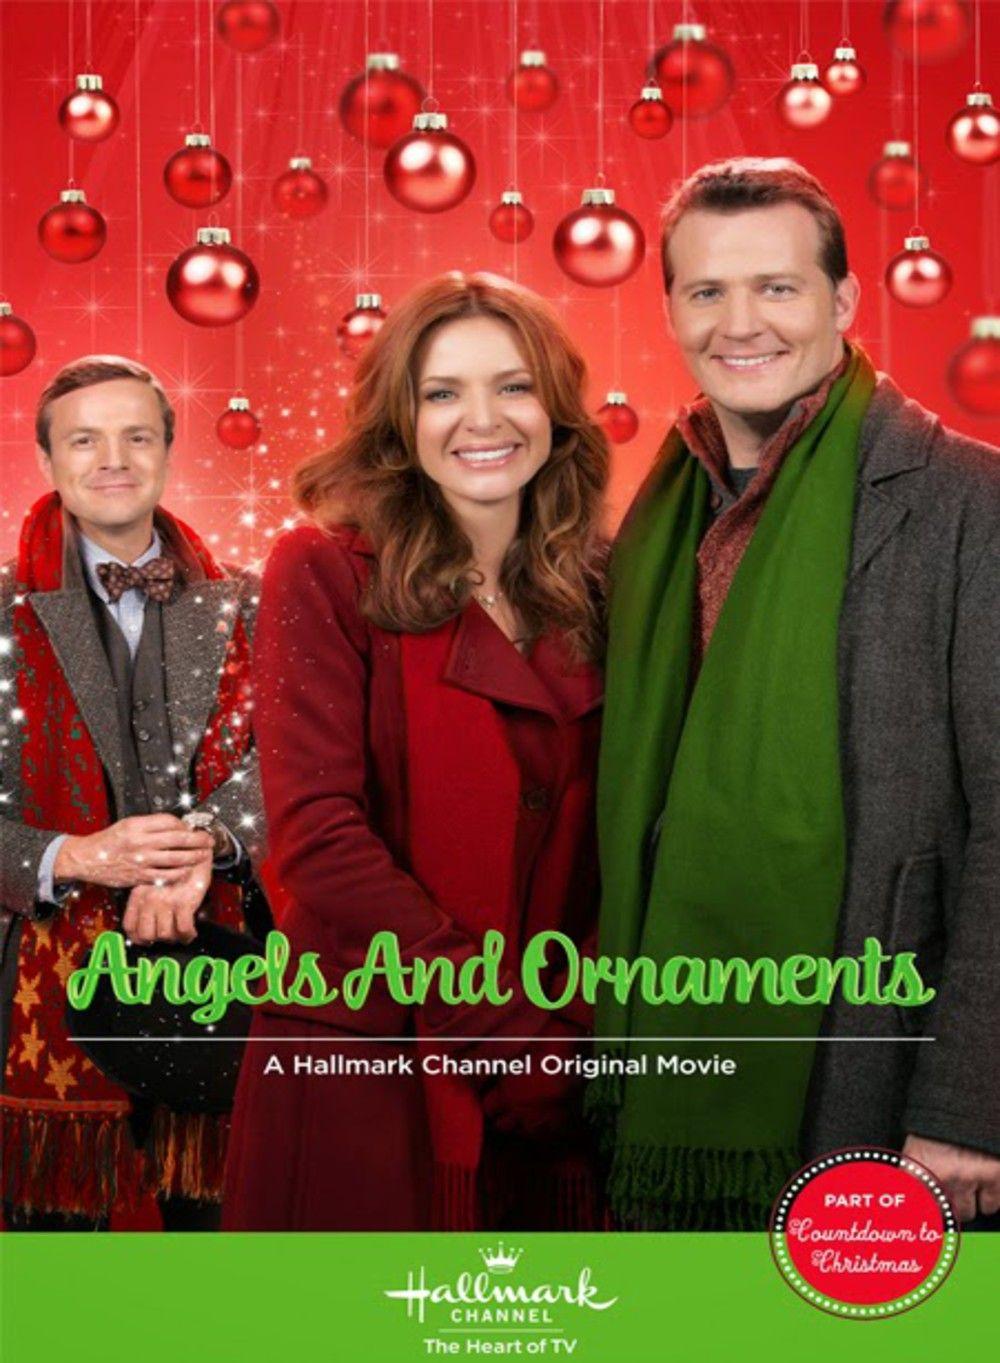 L Ange Gardien De Noel In 2020 Christmas Movies Family Christmas Movies Hallmark Christmas Movies